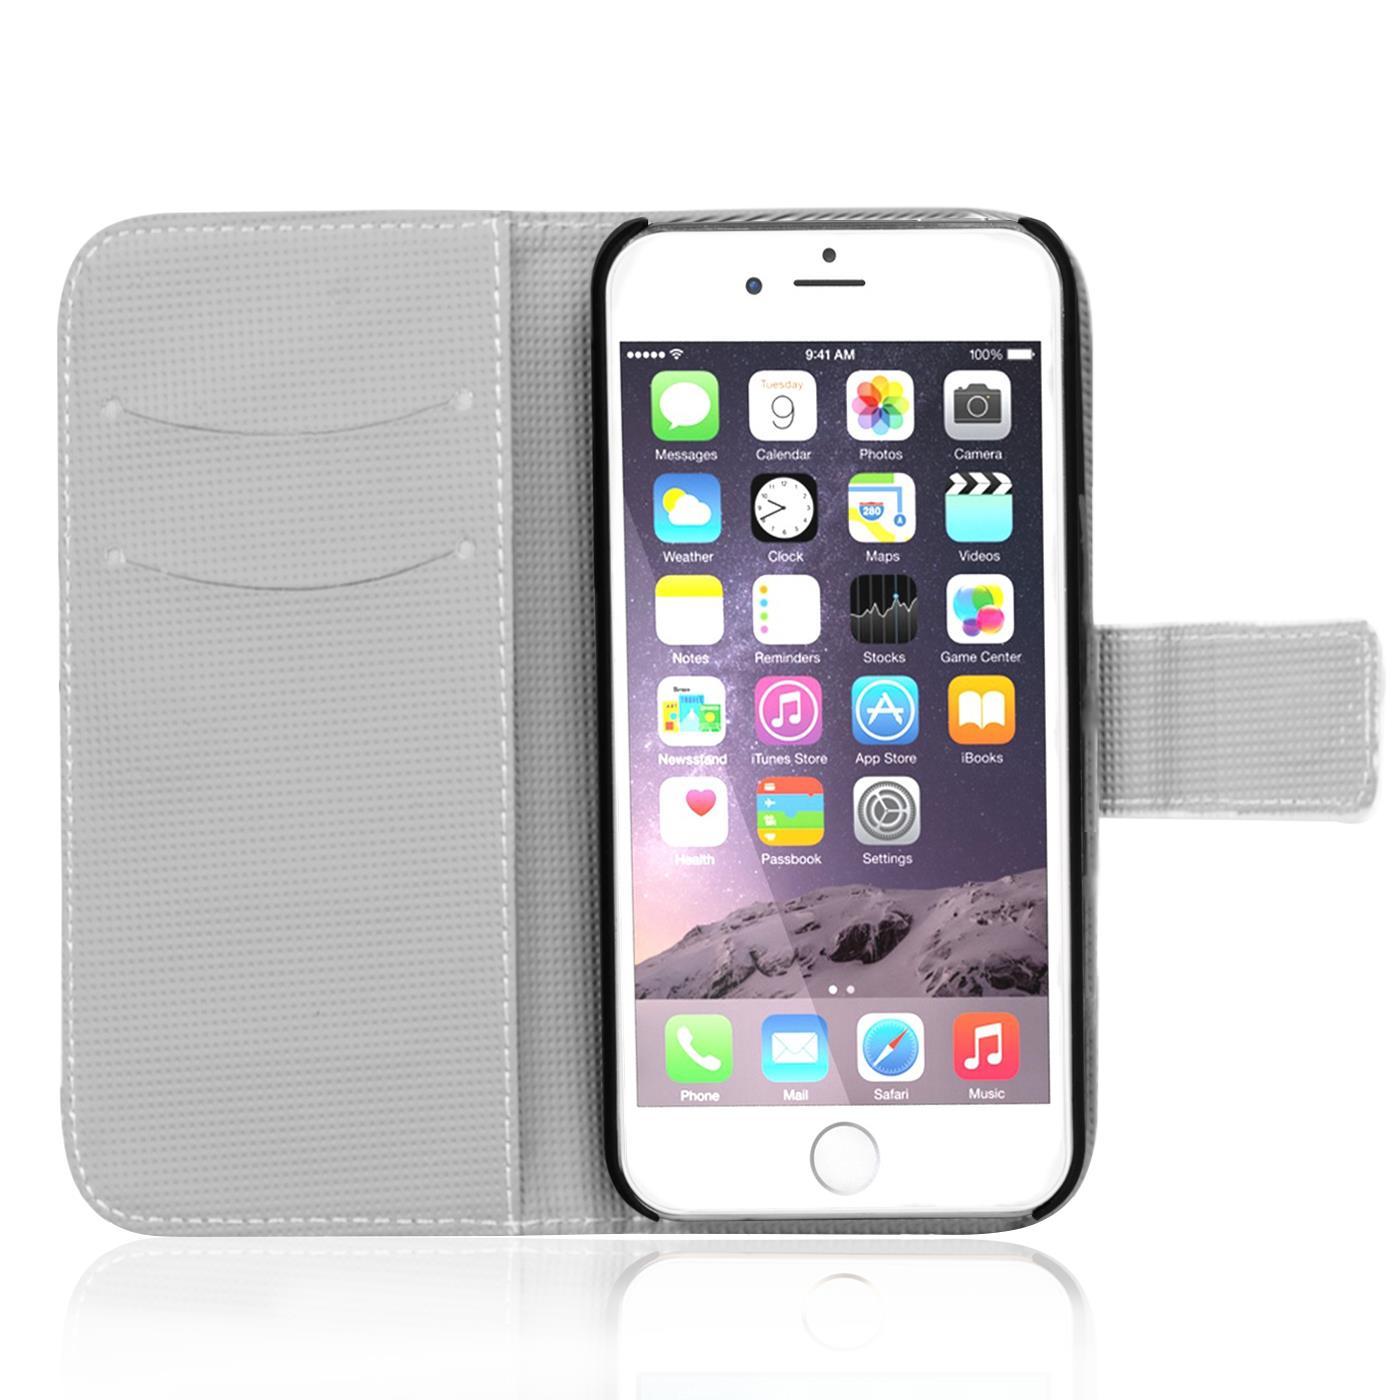 Handy-Huelle-Apple-iPhone-8-Plus-Flip-Cover-Case-Schutz-Tasche-Etui-Motiv-Wallet Indexbild 7